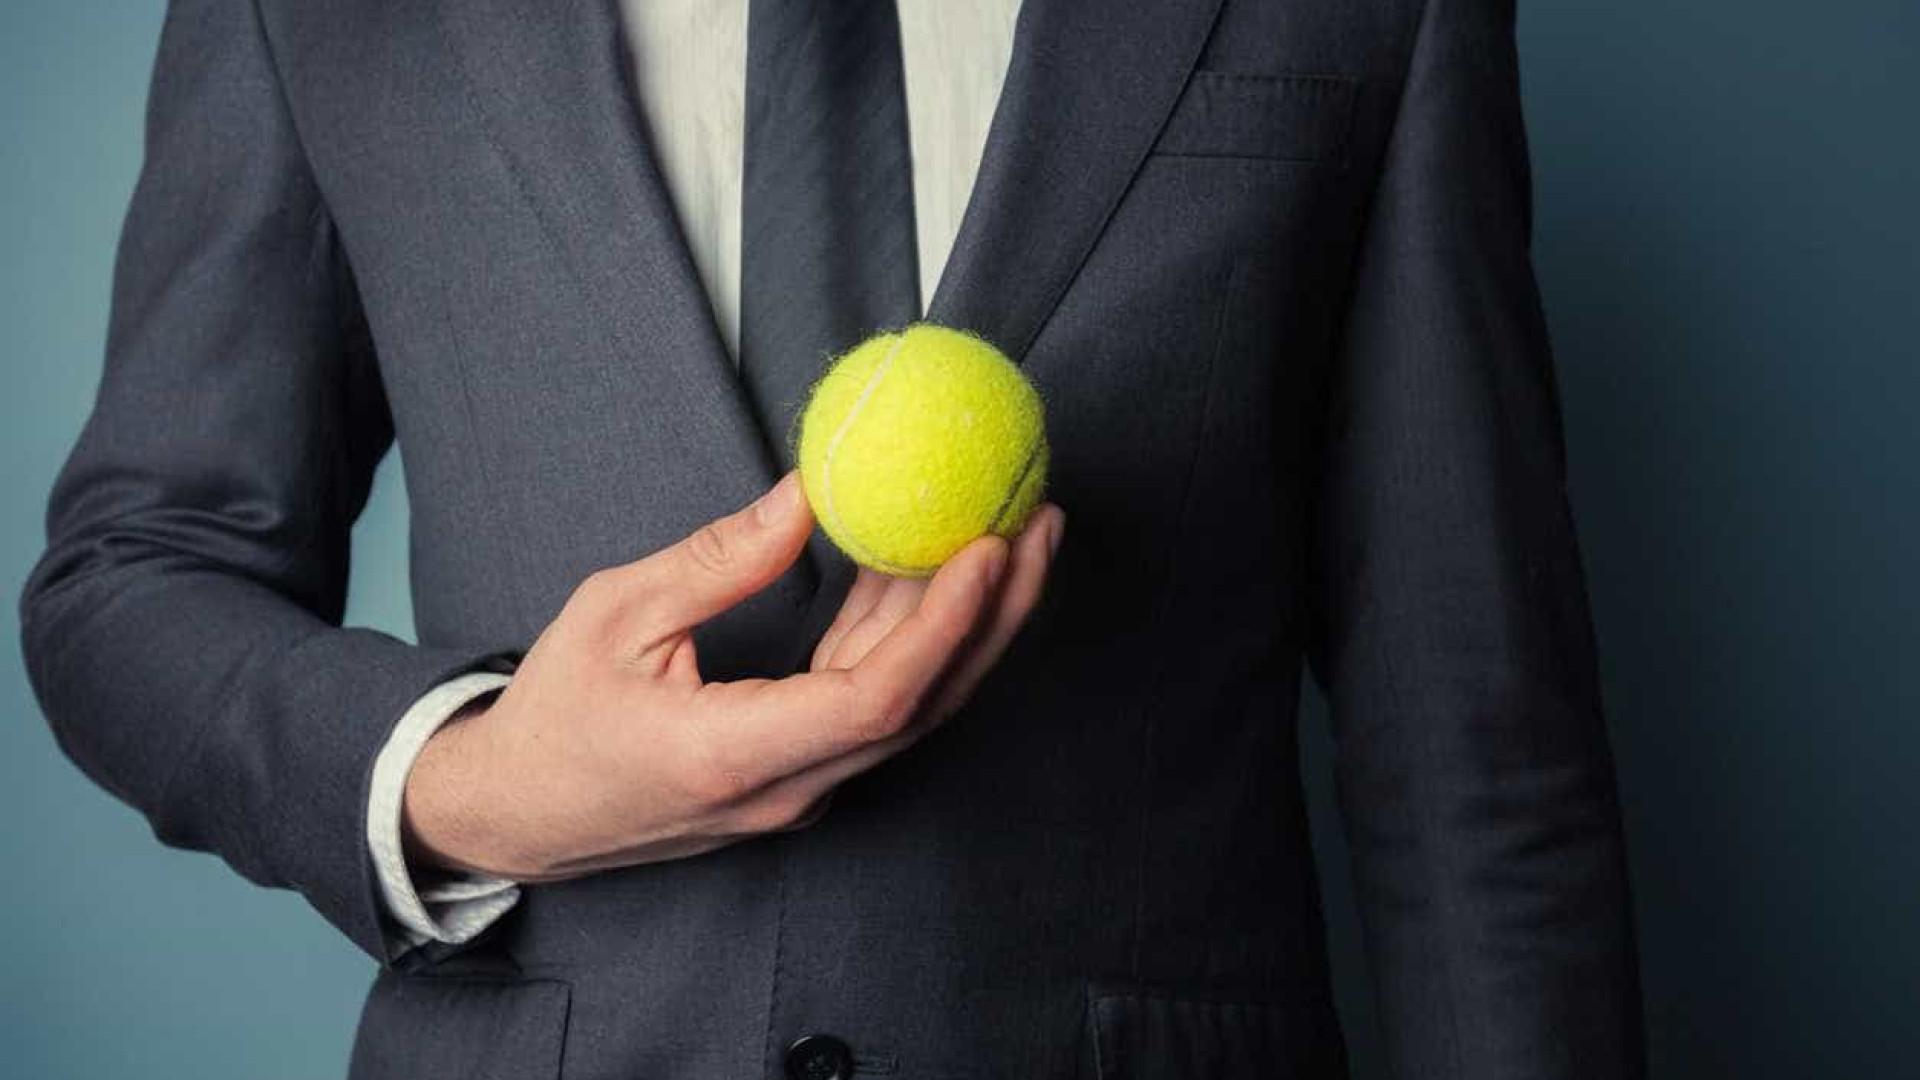 Da próxima vez que viajar de avião, leve uma bola de ténis consigo